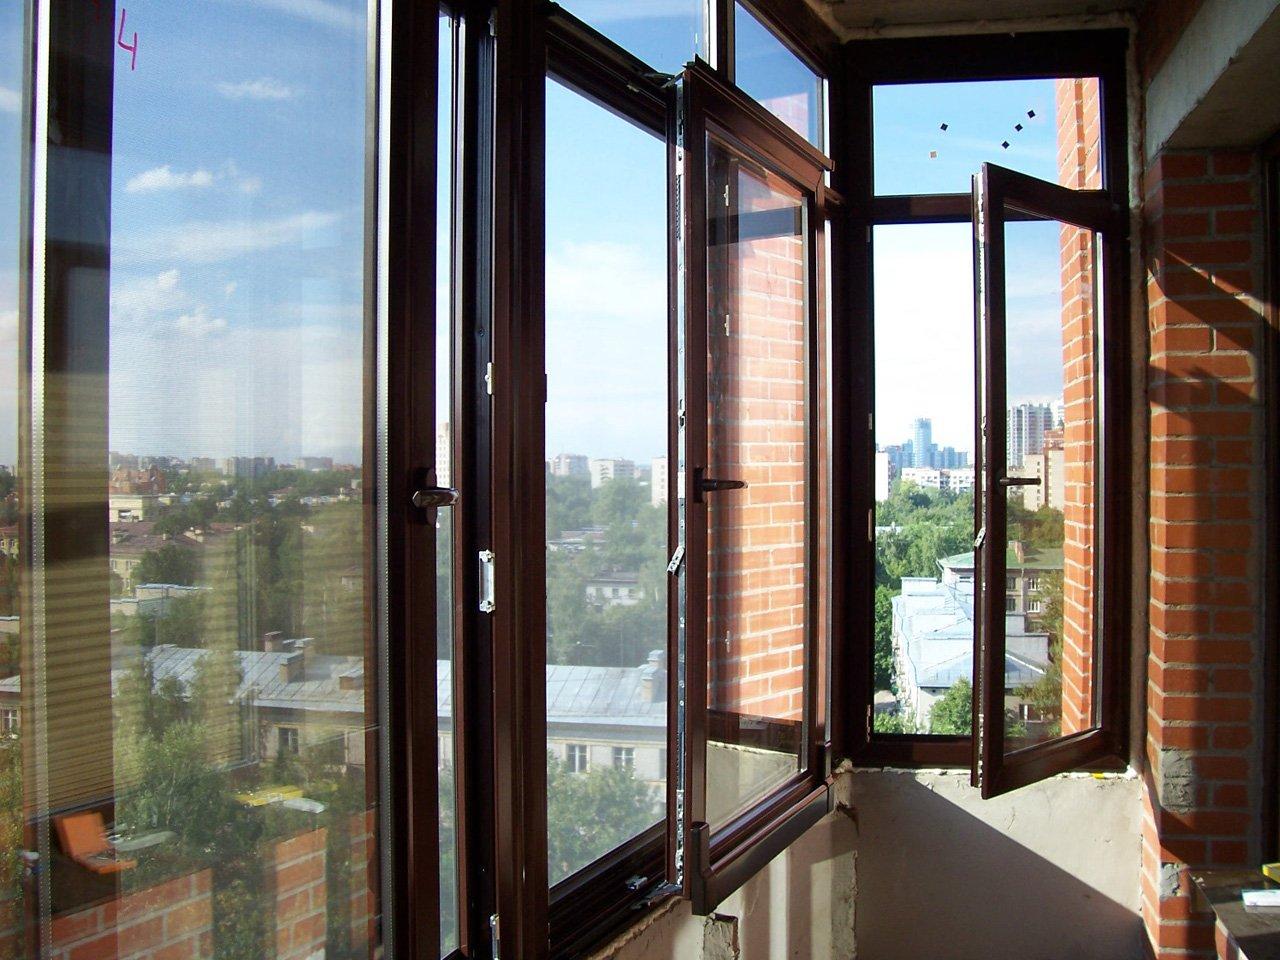 Окна из ПВХ и металлопластика: зачем и как их теплоизолировать